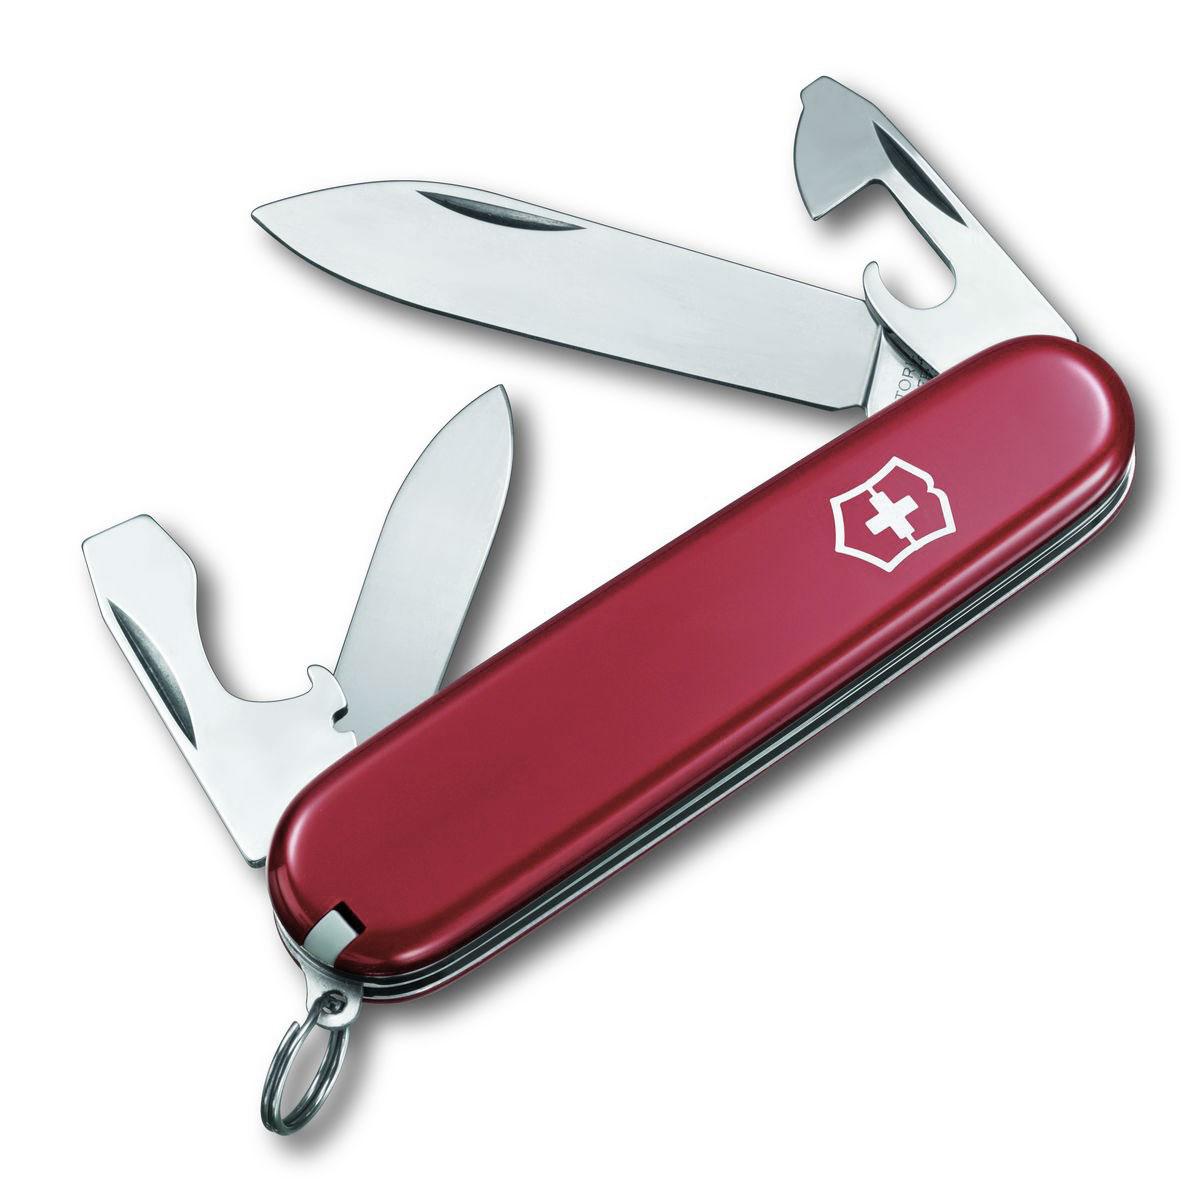 Нож перочинный Victorinox Recruit, цвет: красный, 10 функций, 8,4 см0.2503Лезвие перочинного складного ножа Victorinox Recruit изготовлено из высококачественной нержавеющей стали. Ручка, выполненная из прочного пластика, обеспечивает надежный и удобный хват.Хорошее качество, надежный долговечный материал и эргономичная рукоятка - что может быть удобнее на природе или на пикнике!Функции ножа:Большое лезвие.Малое лезвие.Консервный нож с малой отверткой.Открывалка для бутылок с отверткой.Инструмент для снятия изоляции.Кольцо для ключей.Пинцет.Зубочистка.Длина ножа в сложенном виде: 8,4 см.Длина ножа в разложенном виде: 14,5 см.Длина большого лезвия: 6,5 см.Длина малого лезвия: 4 см.